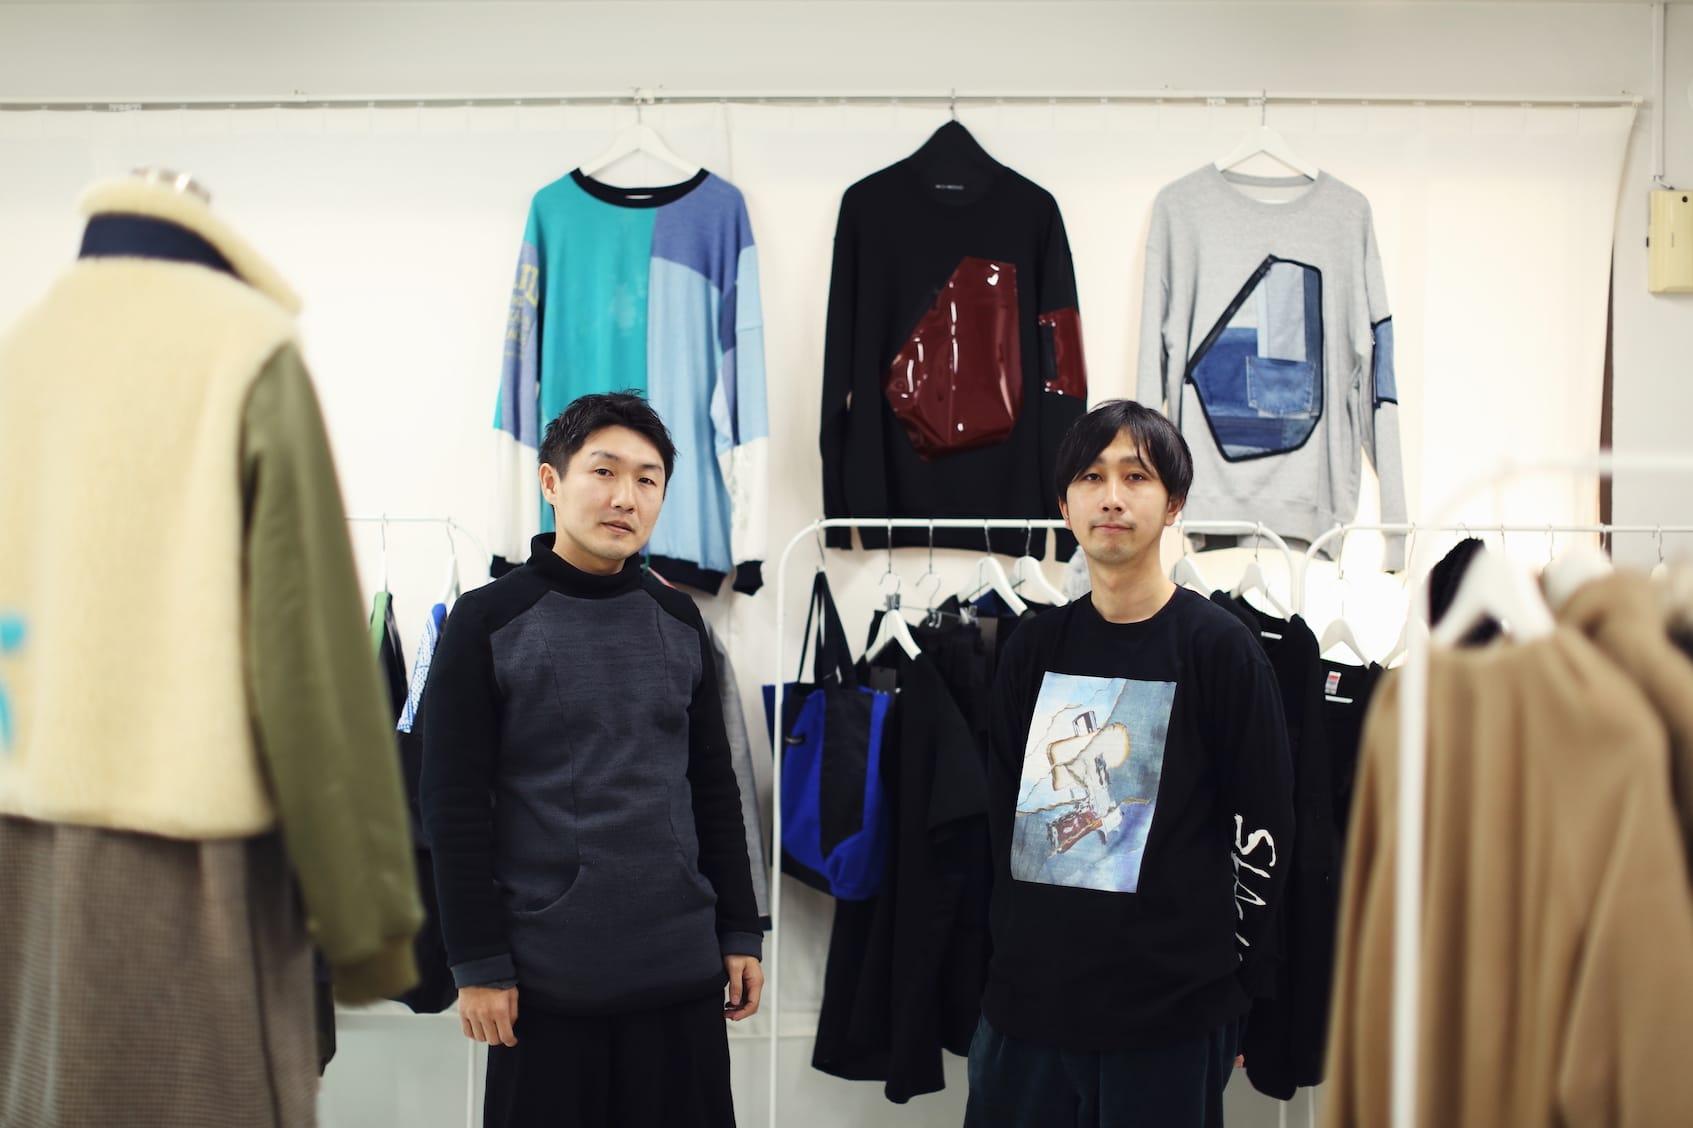 「SONAR」の高橋健太さんと。高橋さんが手がける「NICK NEEDLES」のほか、東京の若手のブランドをセレクト。雑居ビルの6階にあり、隠れ家のようなお店。